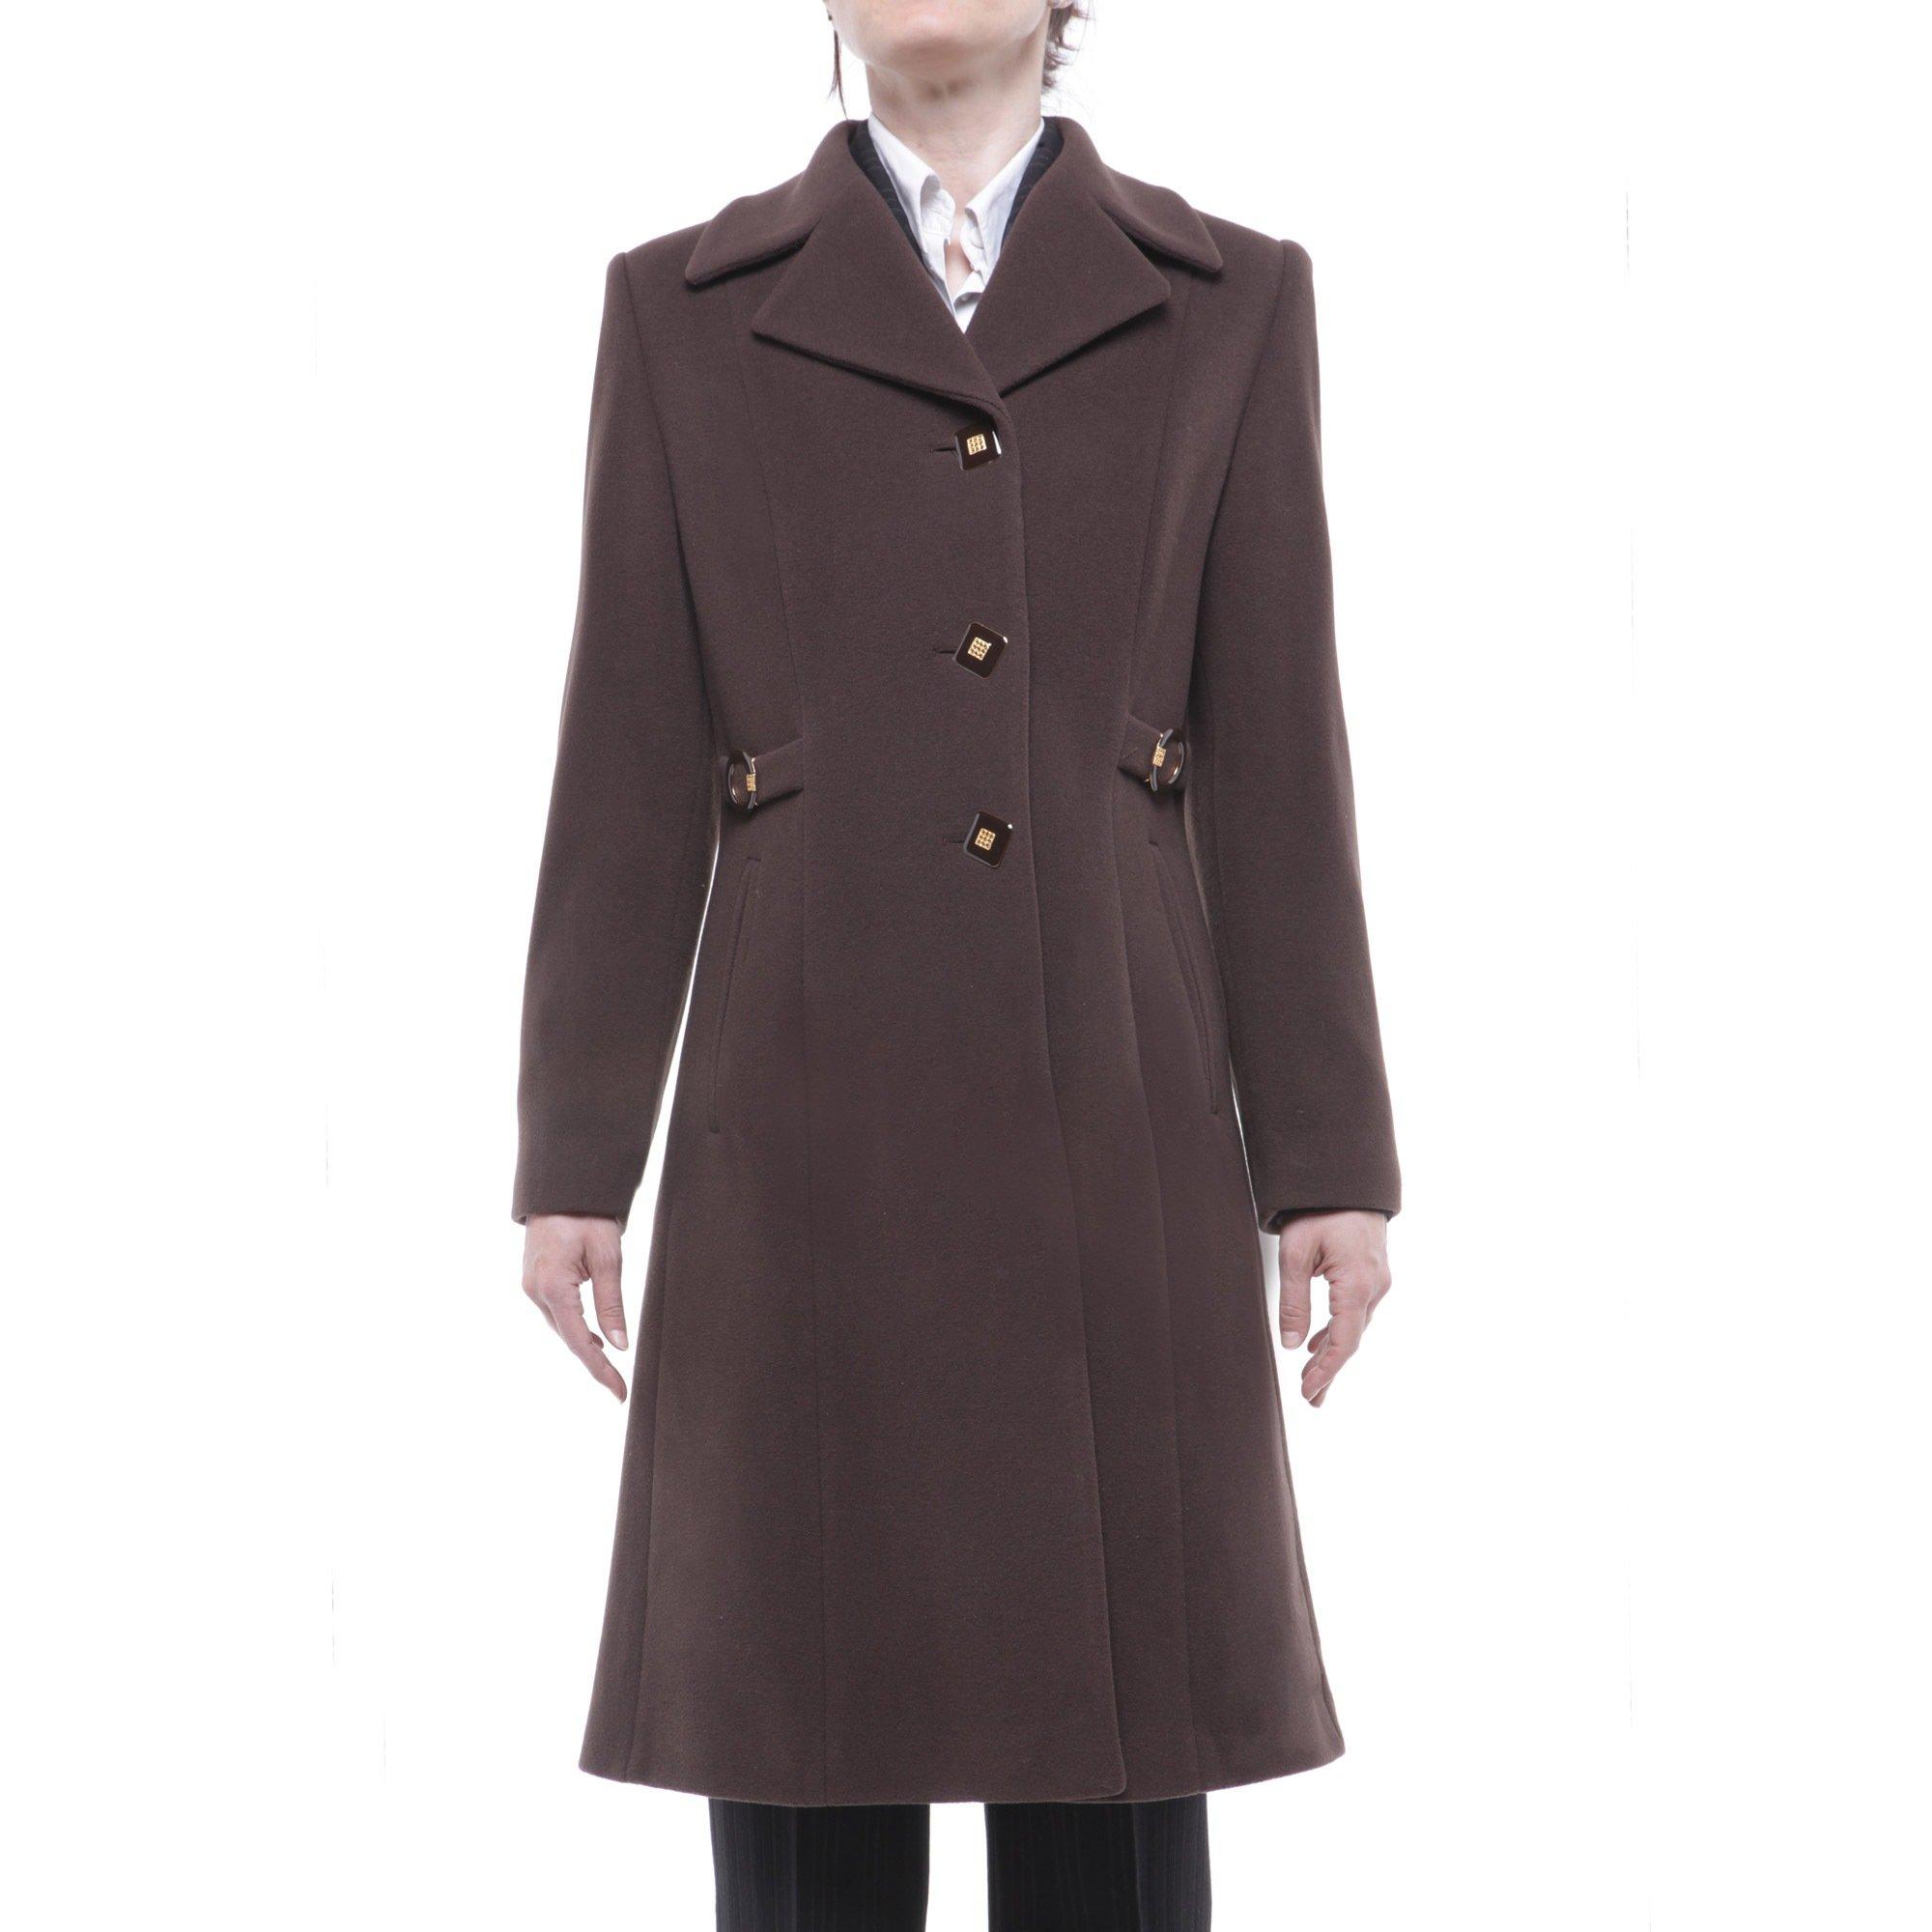 ICA cappotto lana monopetto